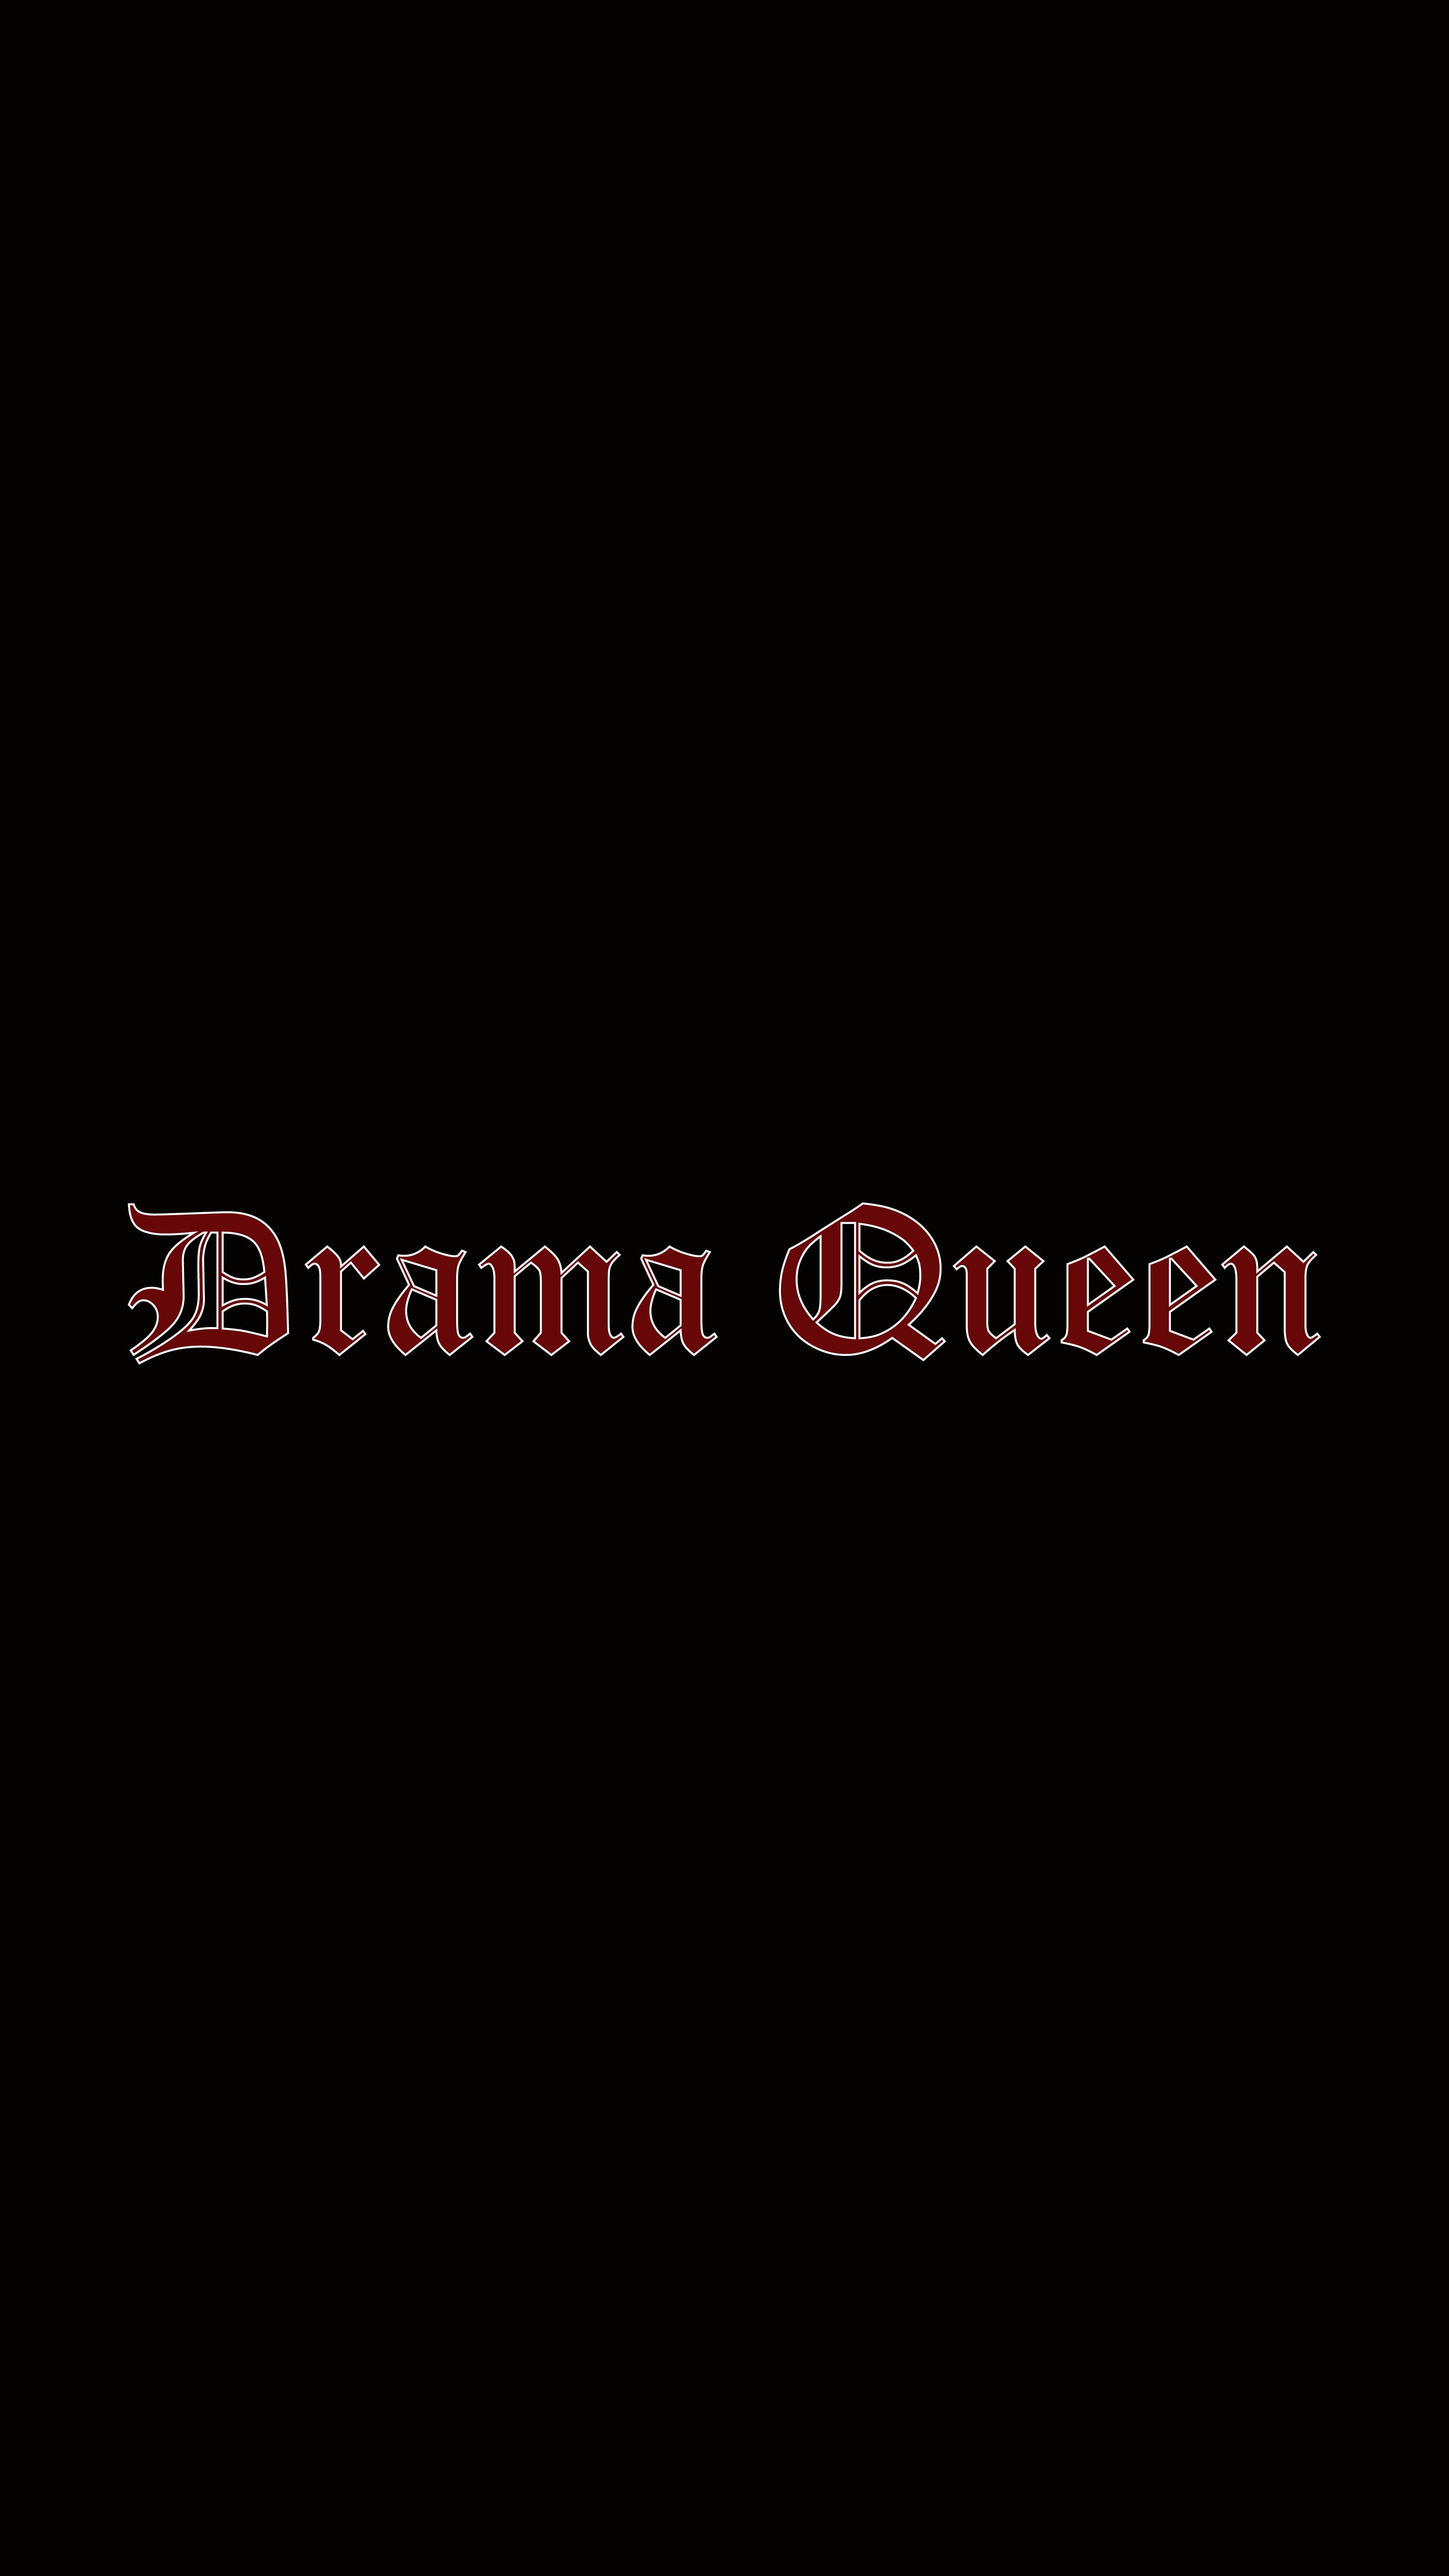 Drama Queen Wallpaper By Flor De Puta My Wallpapers